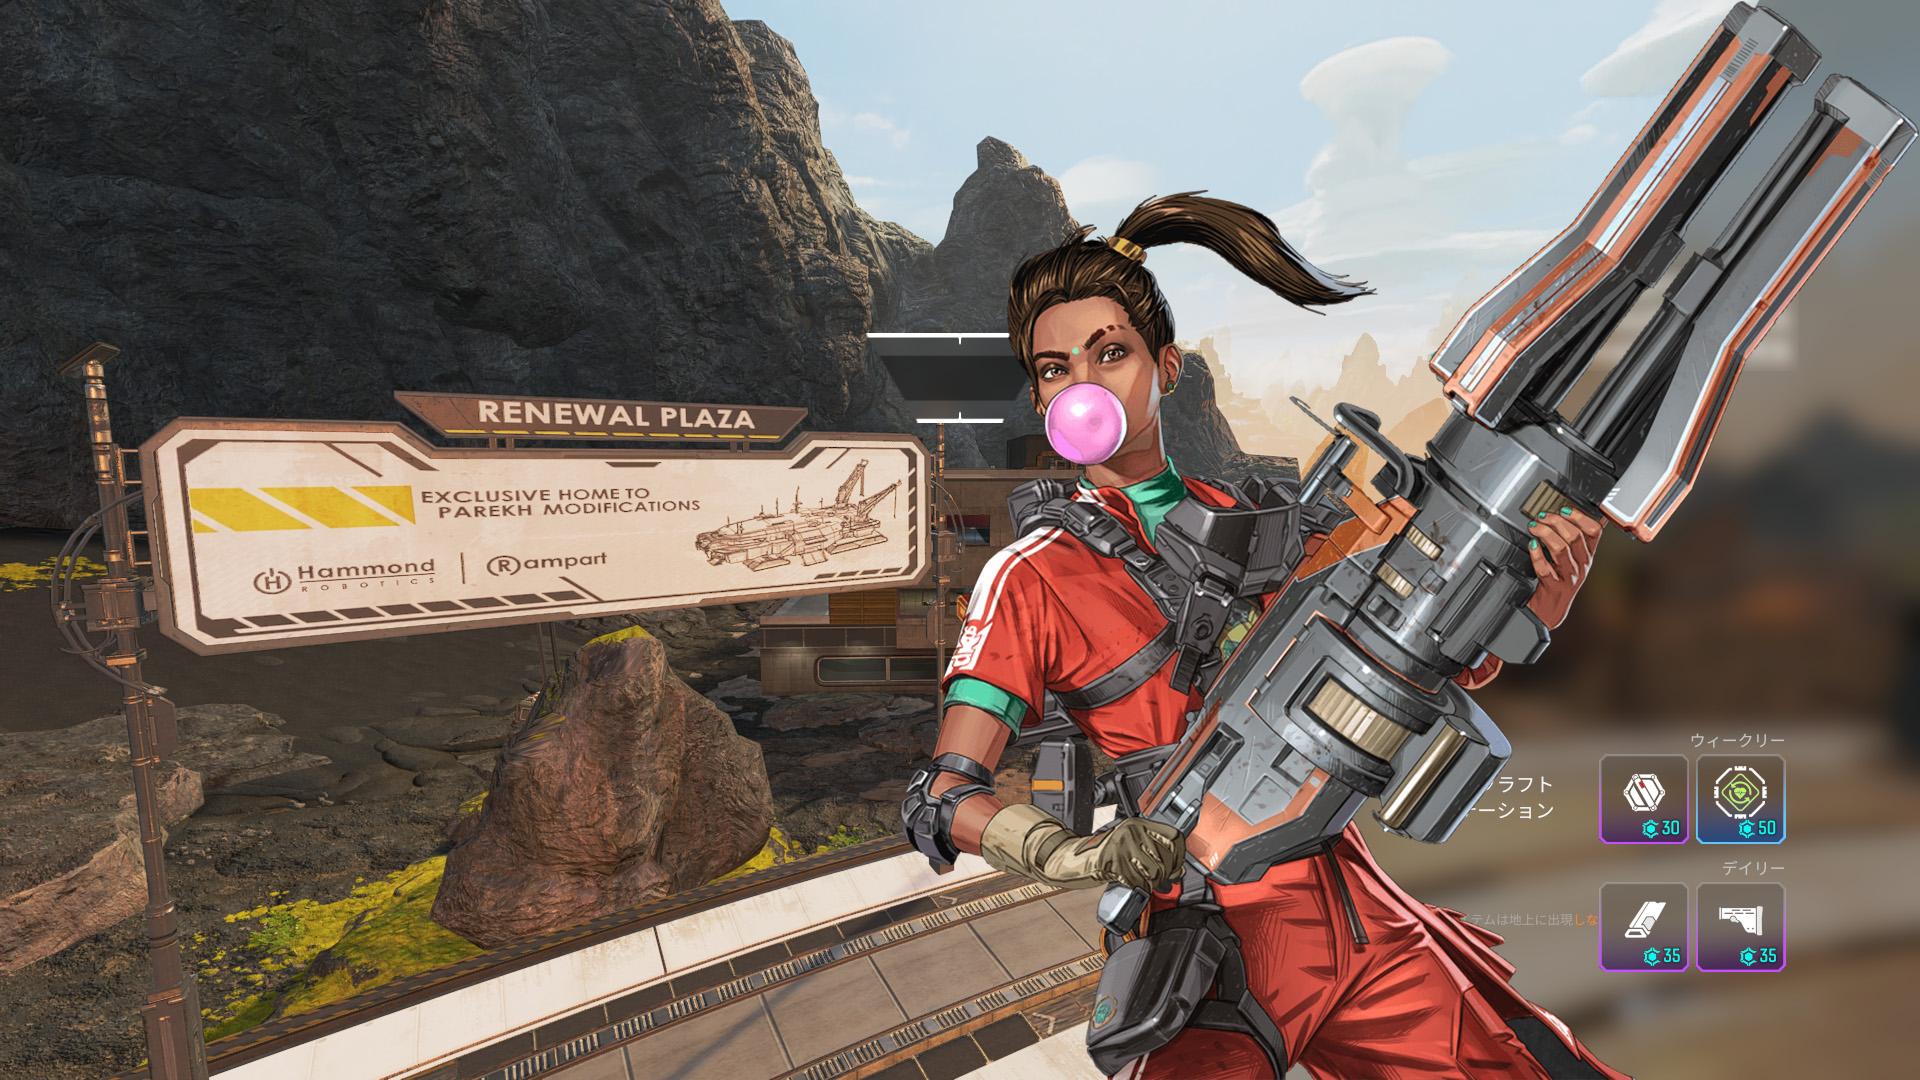 【APEX】ランパートの街乗っ取りイベント「ゲーム内ヒントPart1」が追加されたぞ!!